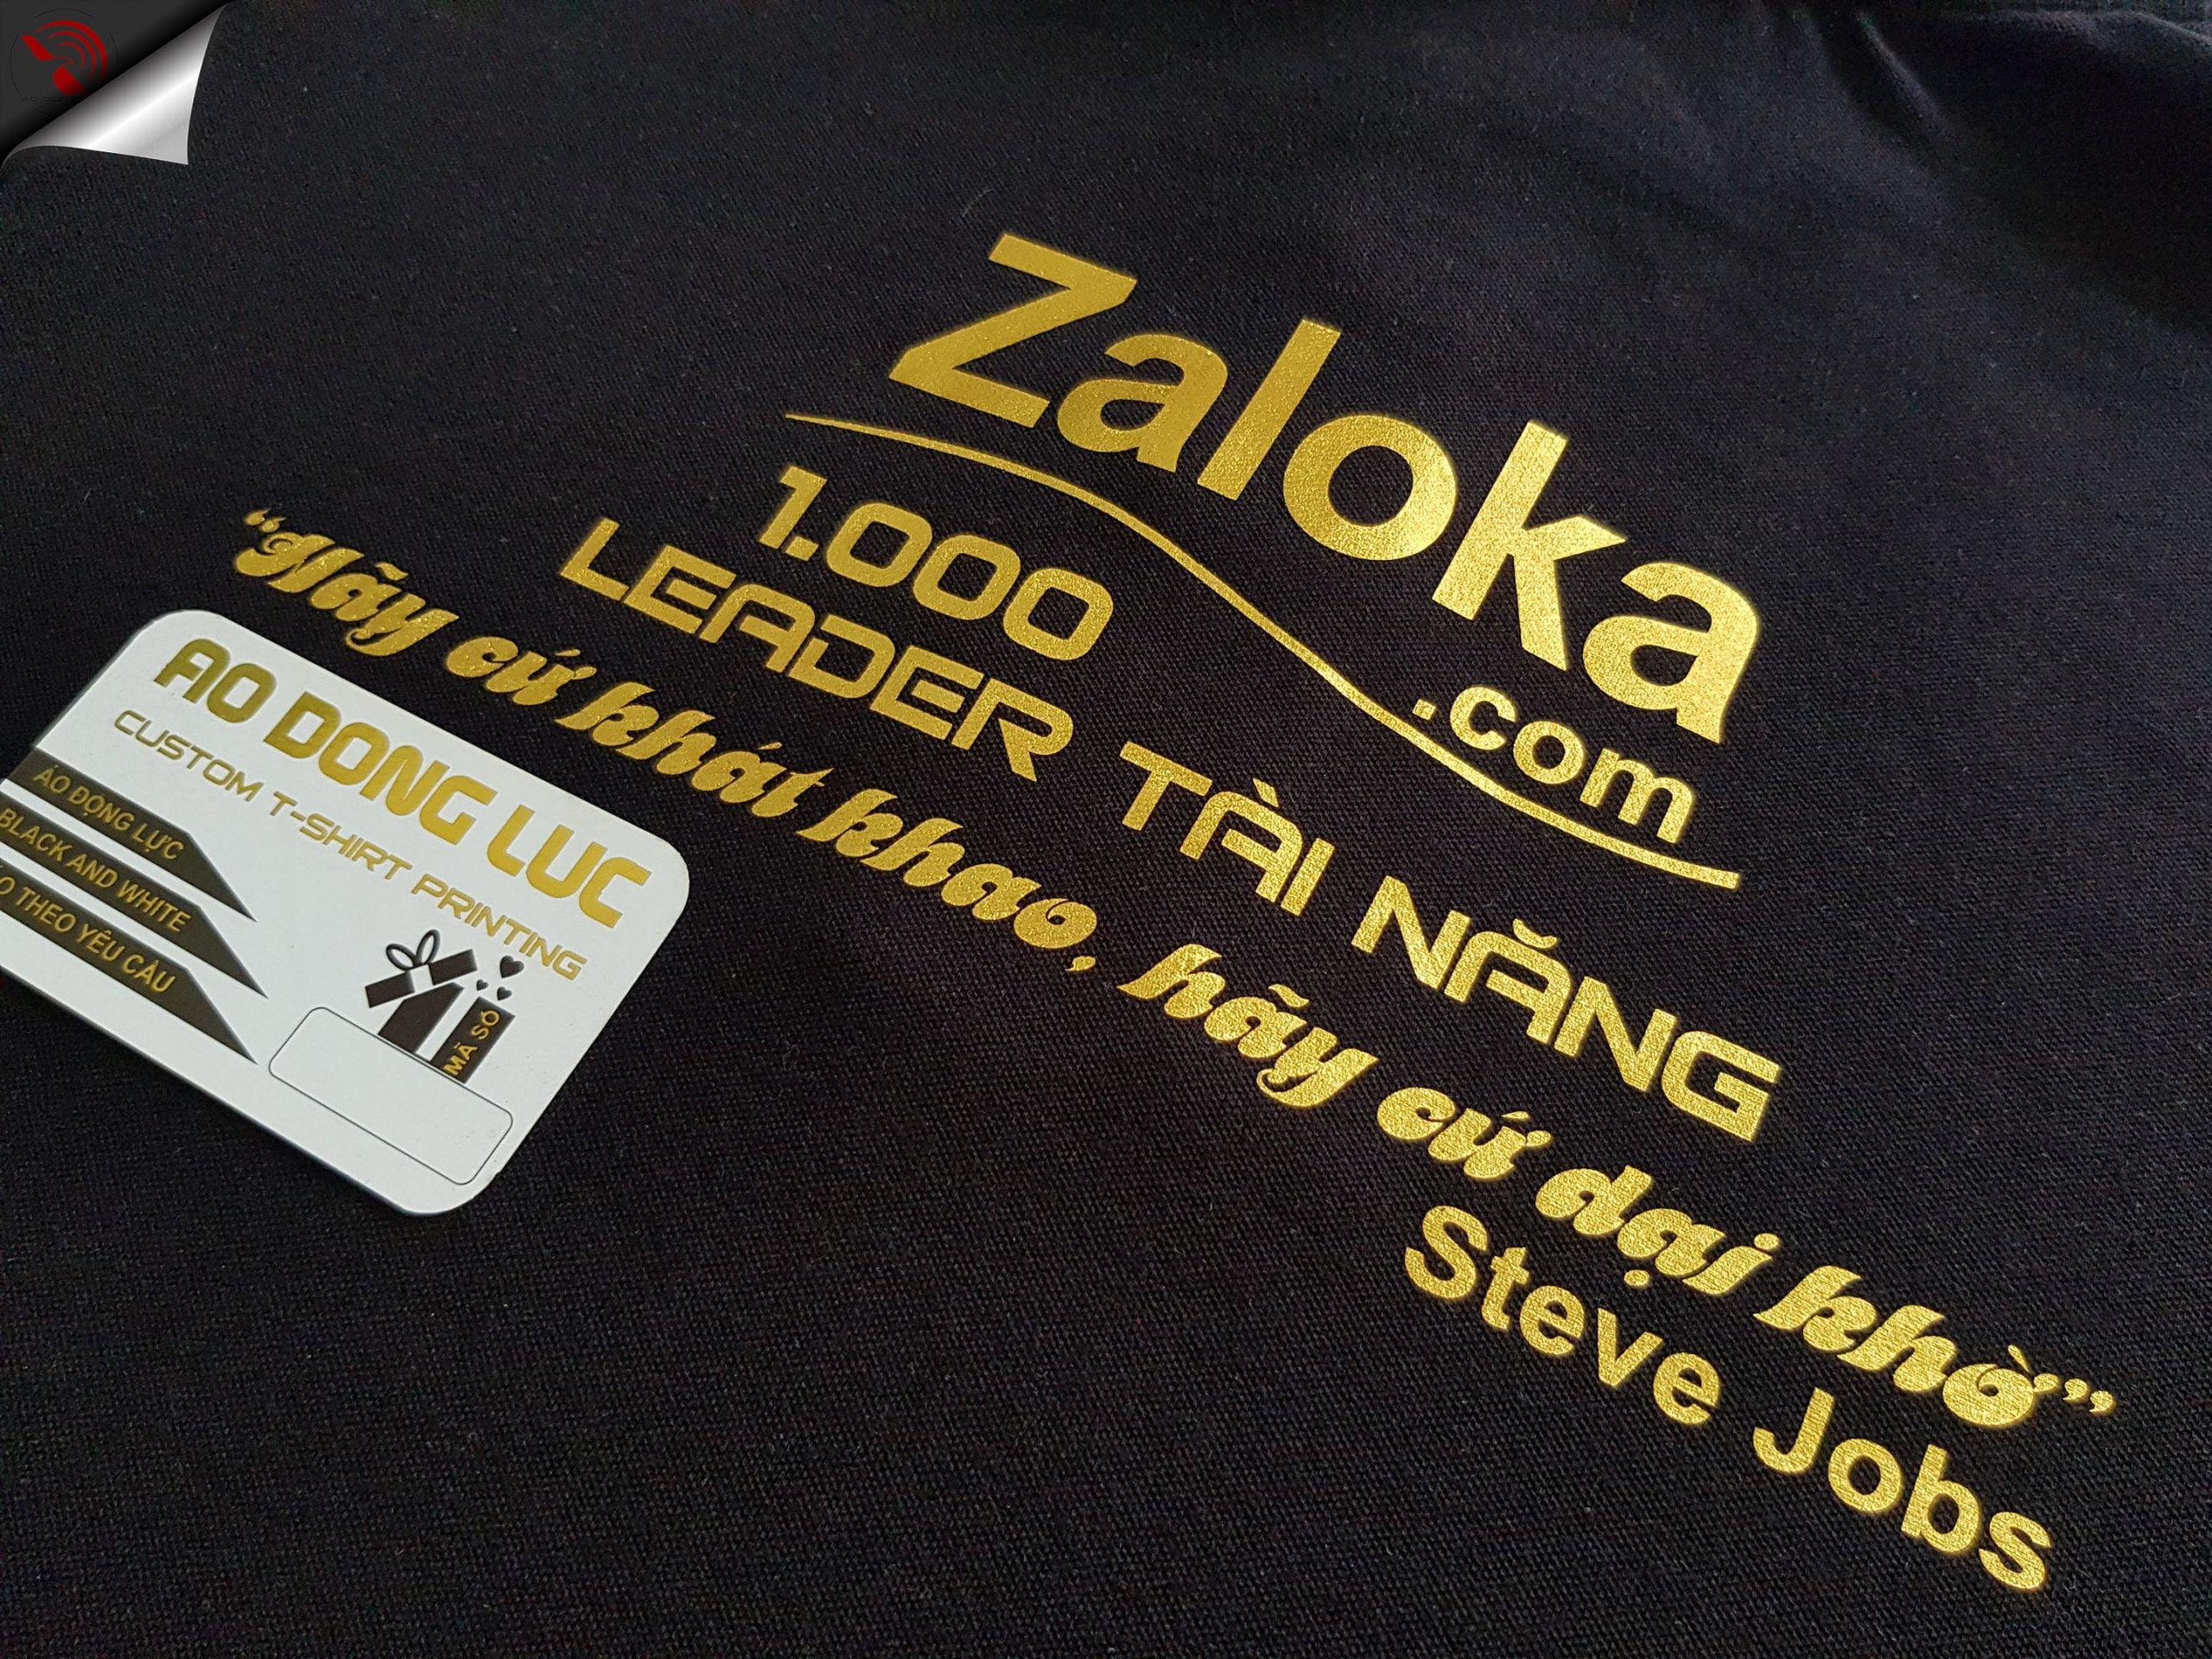 Hình in decal hiệu ứng vàng ánh kim trên nền áo đen